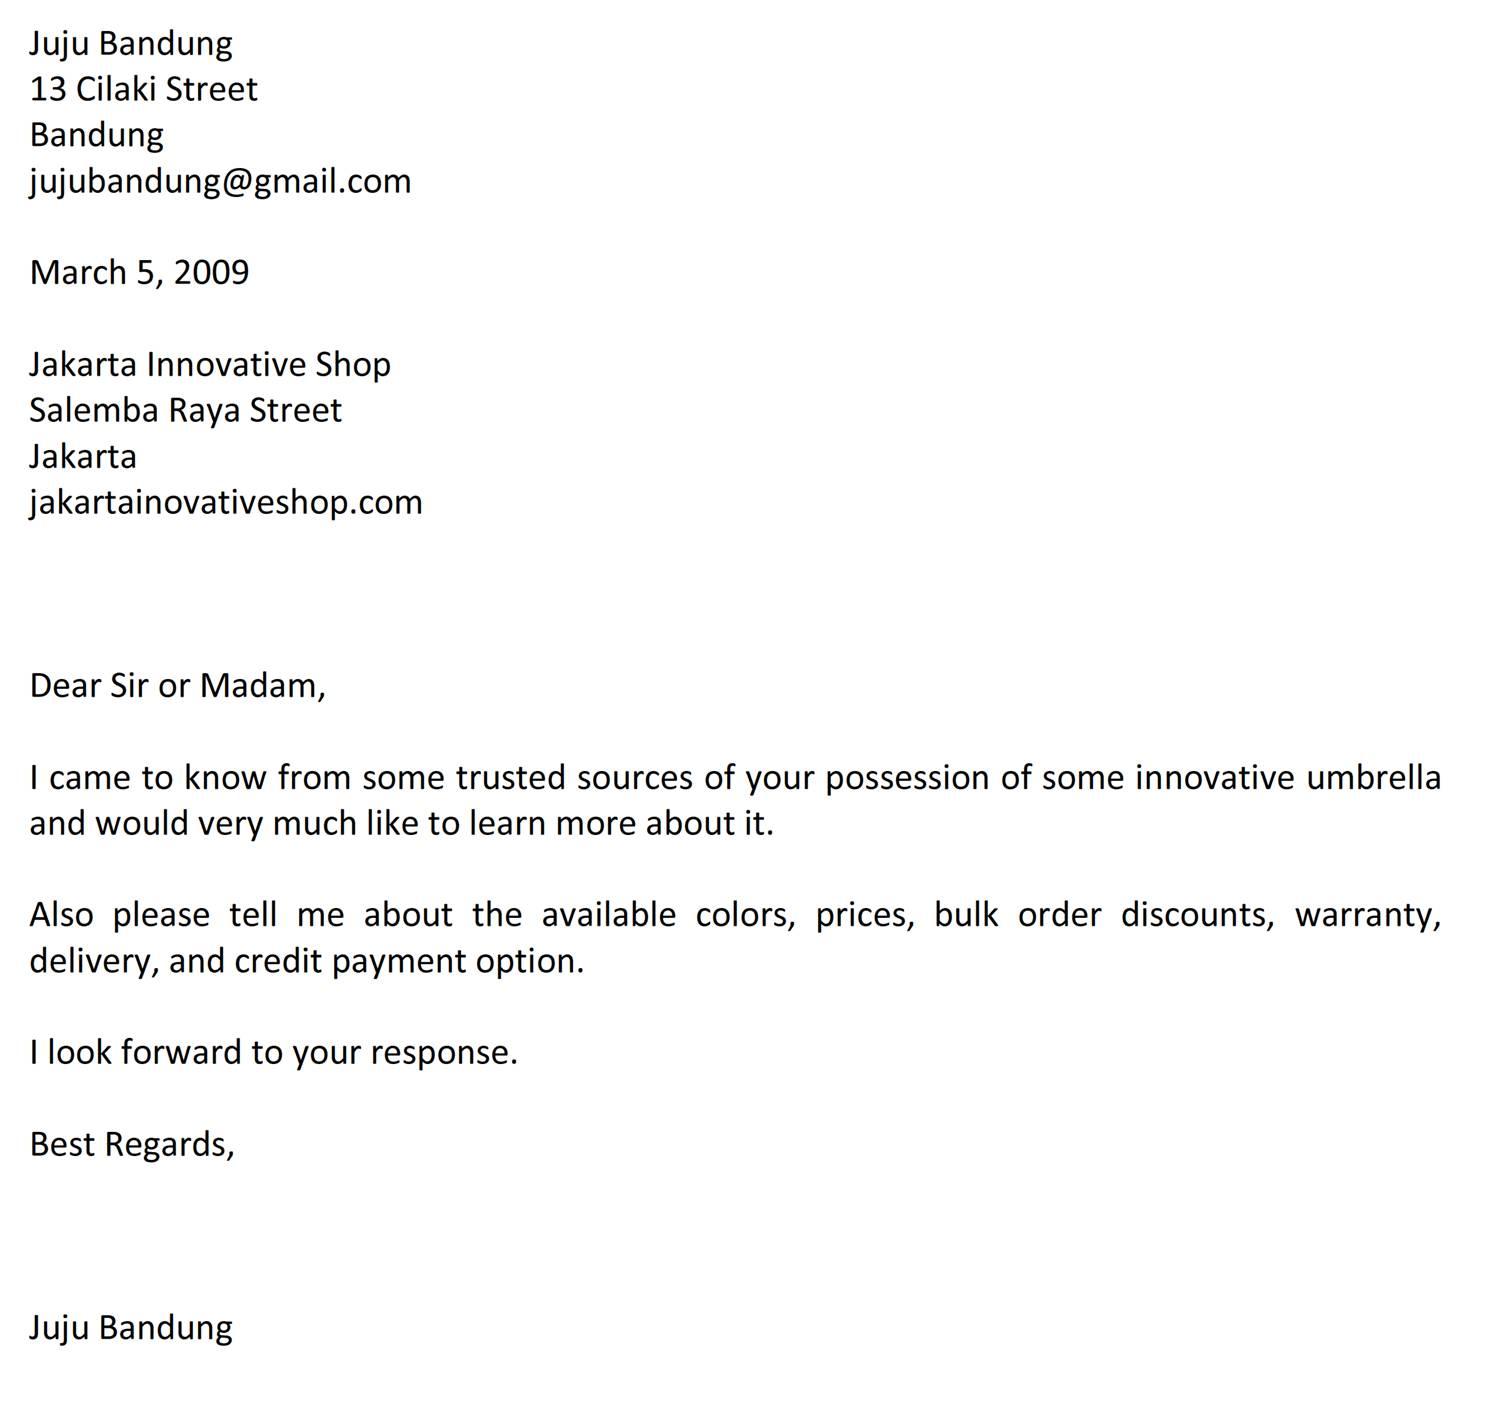 Surat Permintaan Informasi Produk Atau Jasa Bahasa Inggris